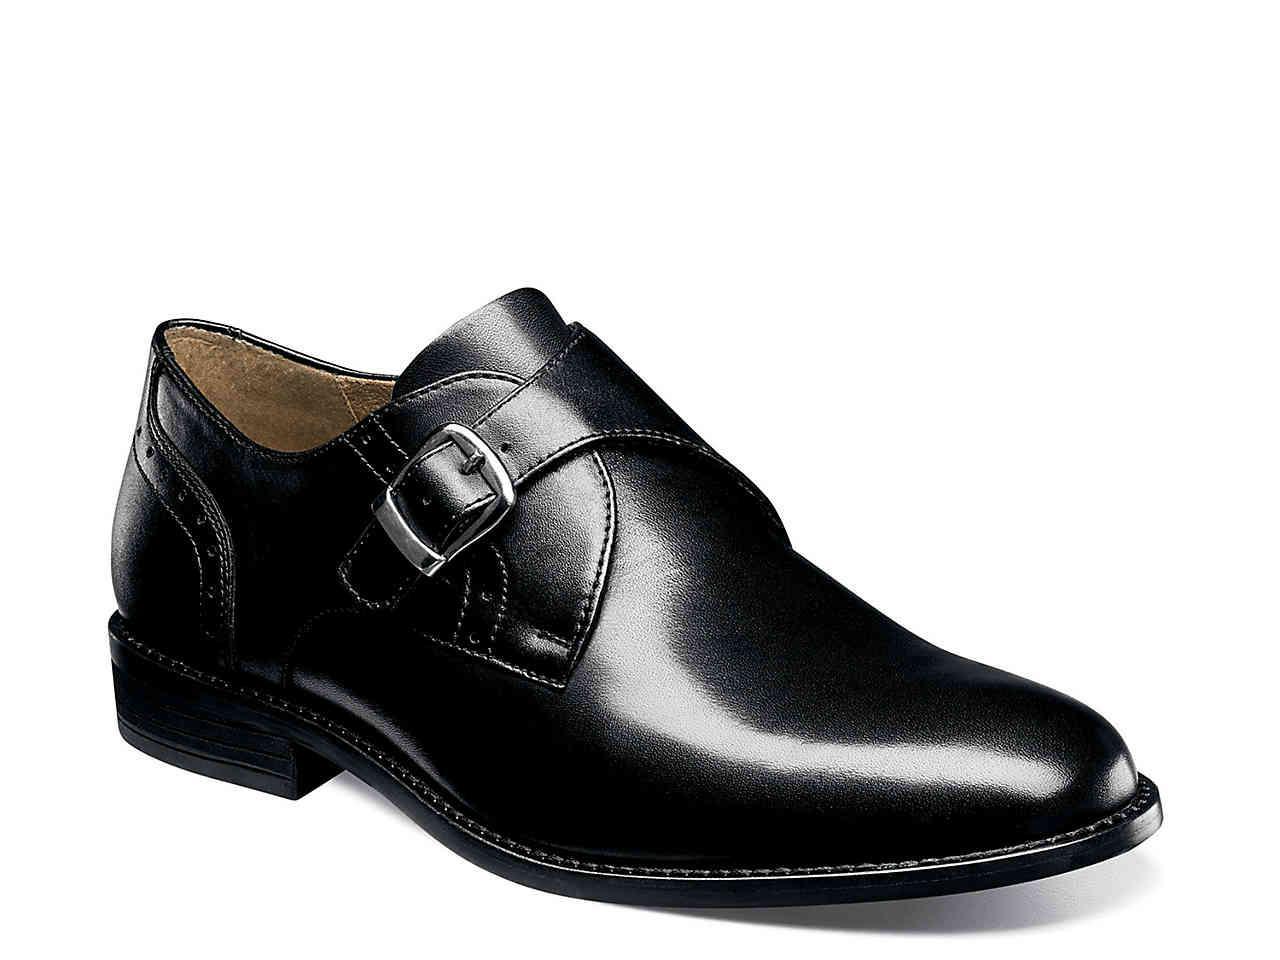 d9e7124d6f Lyst - Nunn Bush Sabre Monk Strap Slip-on in Black for Men